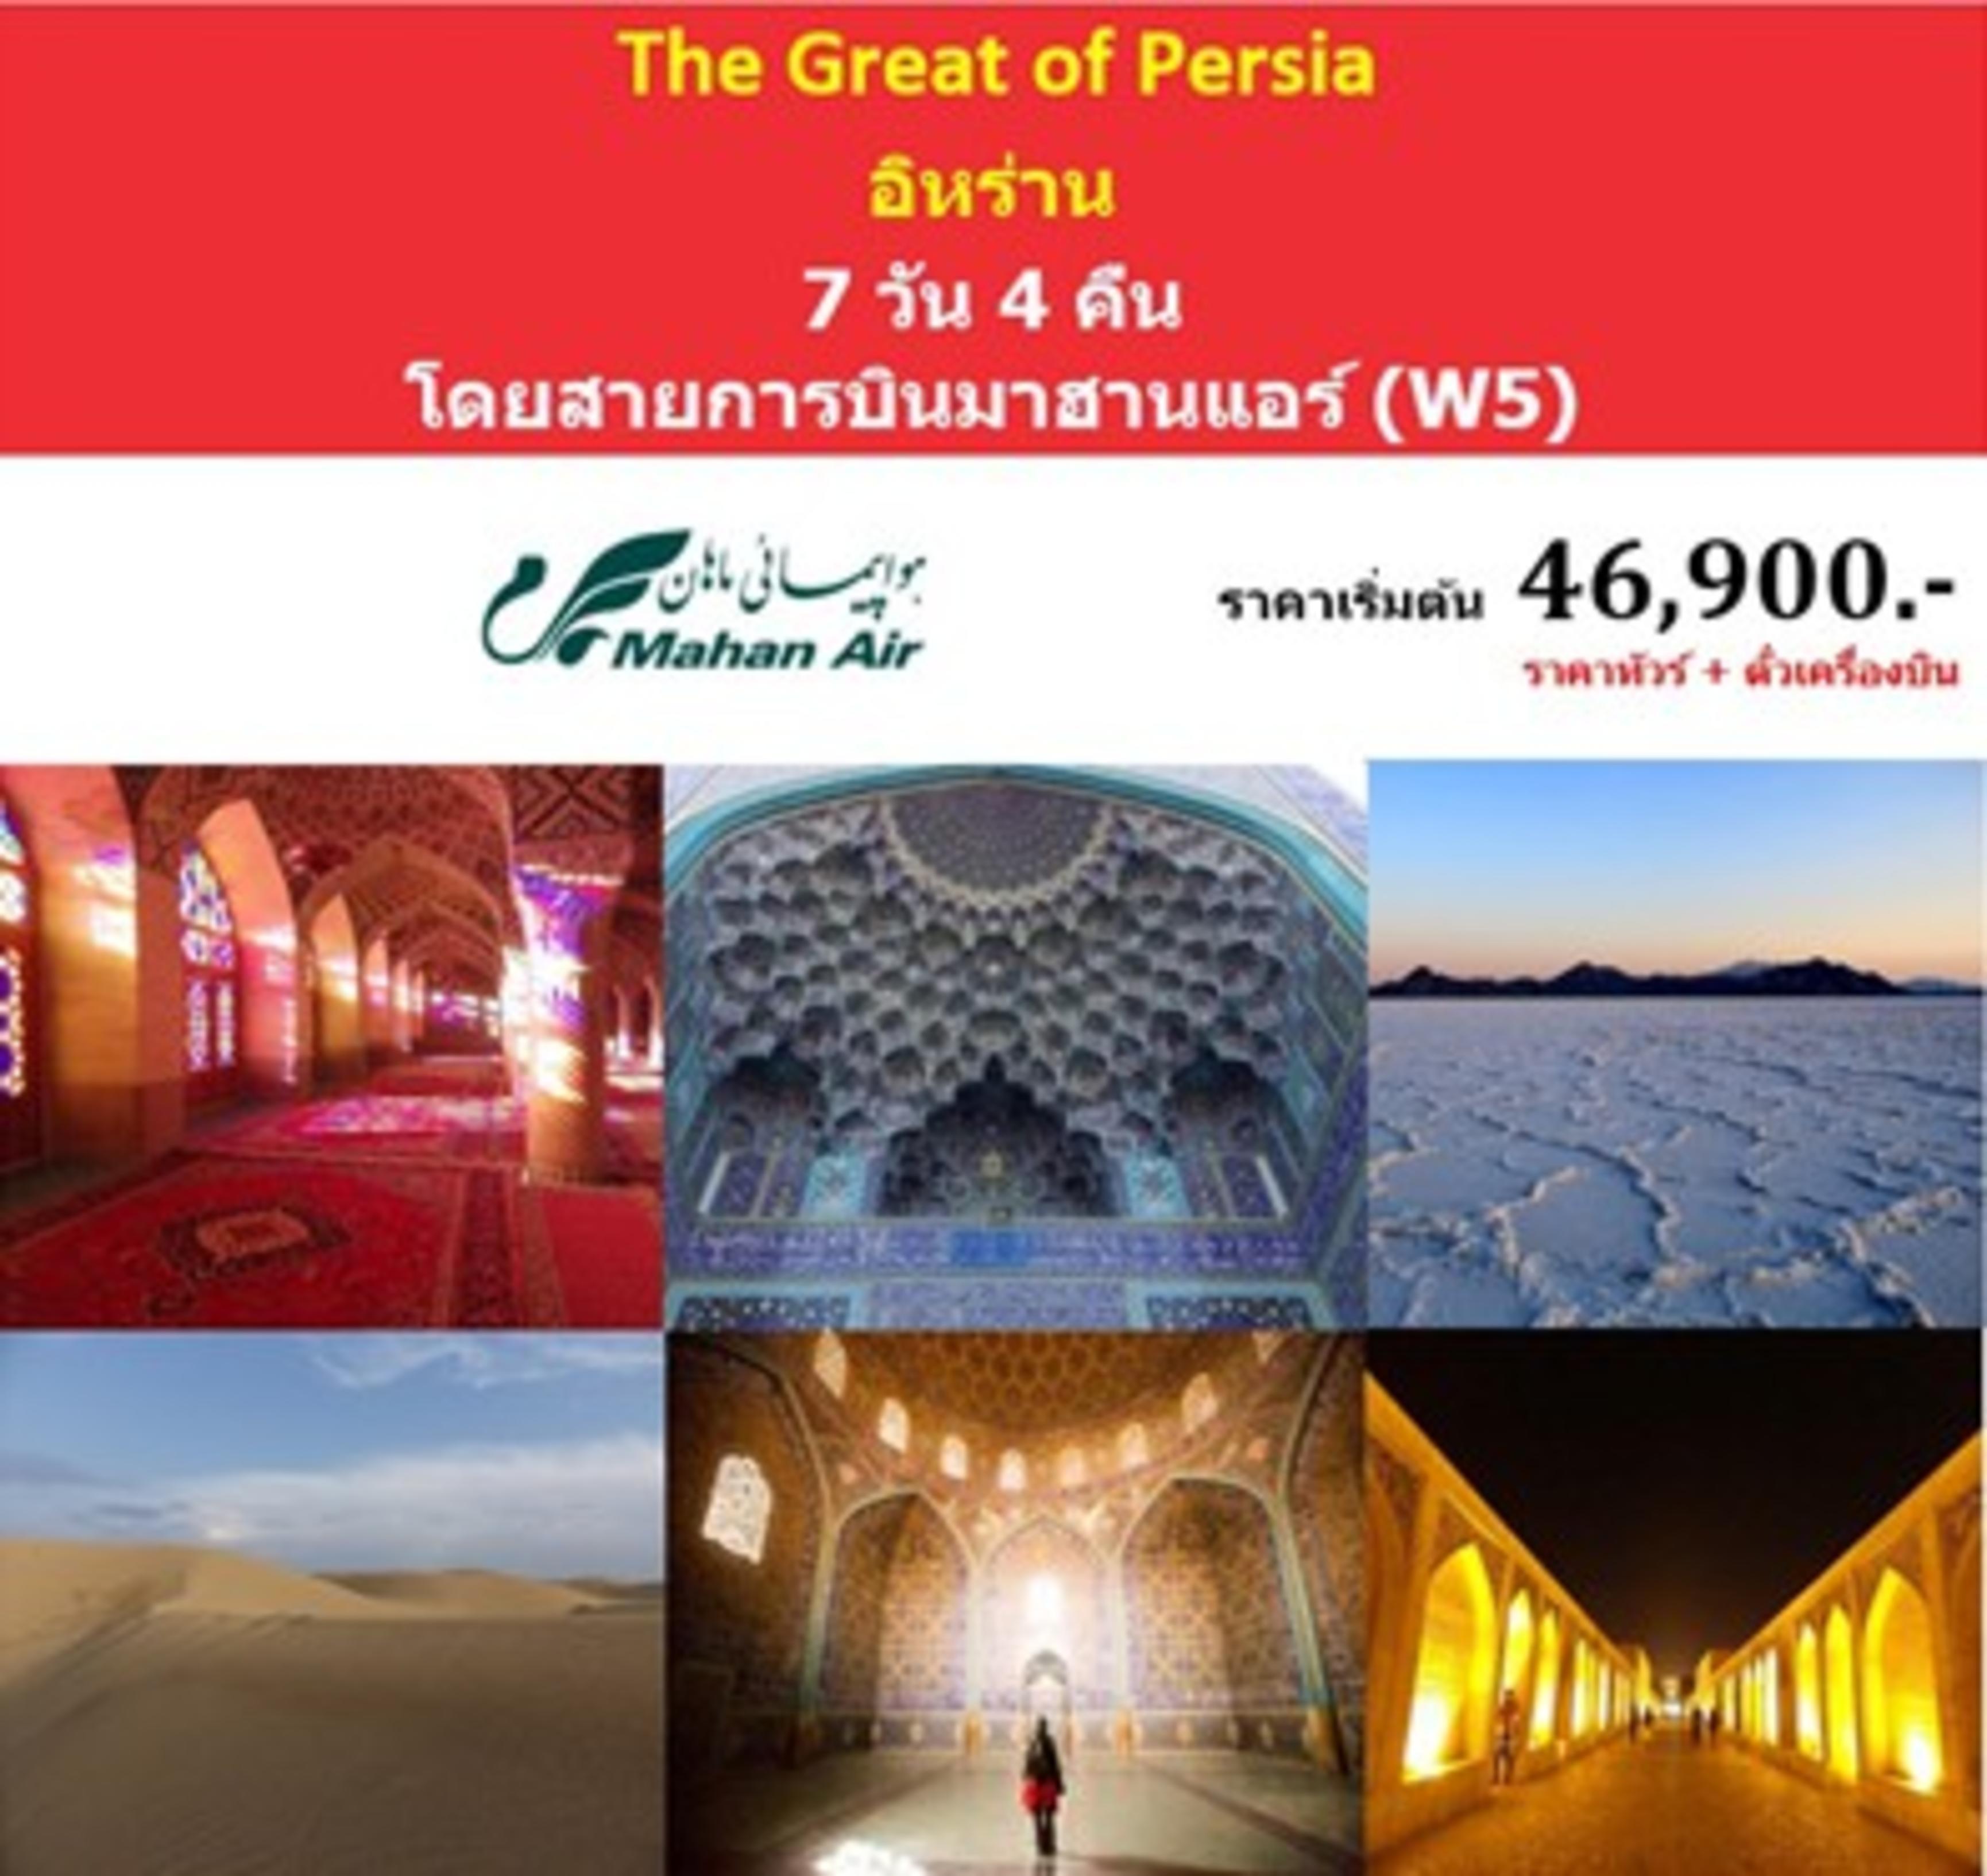 The Great of Persia อิหร่าน 7 วัน 4 คืน โดยสายการบินมาฮานแอร์ (W5) GO3IKA-W5001